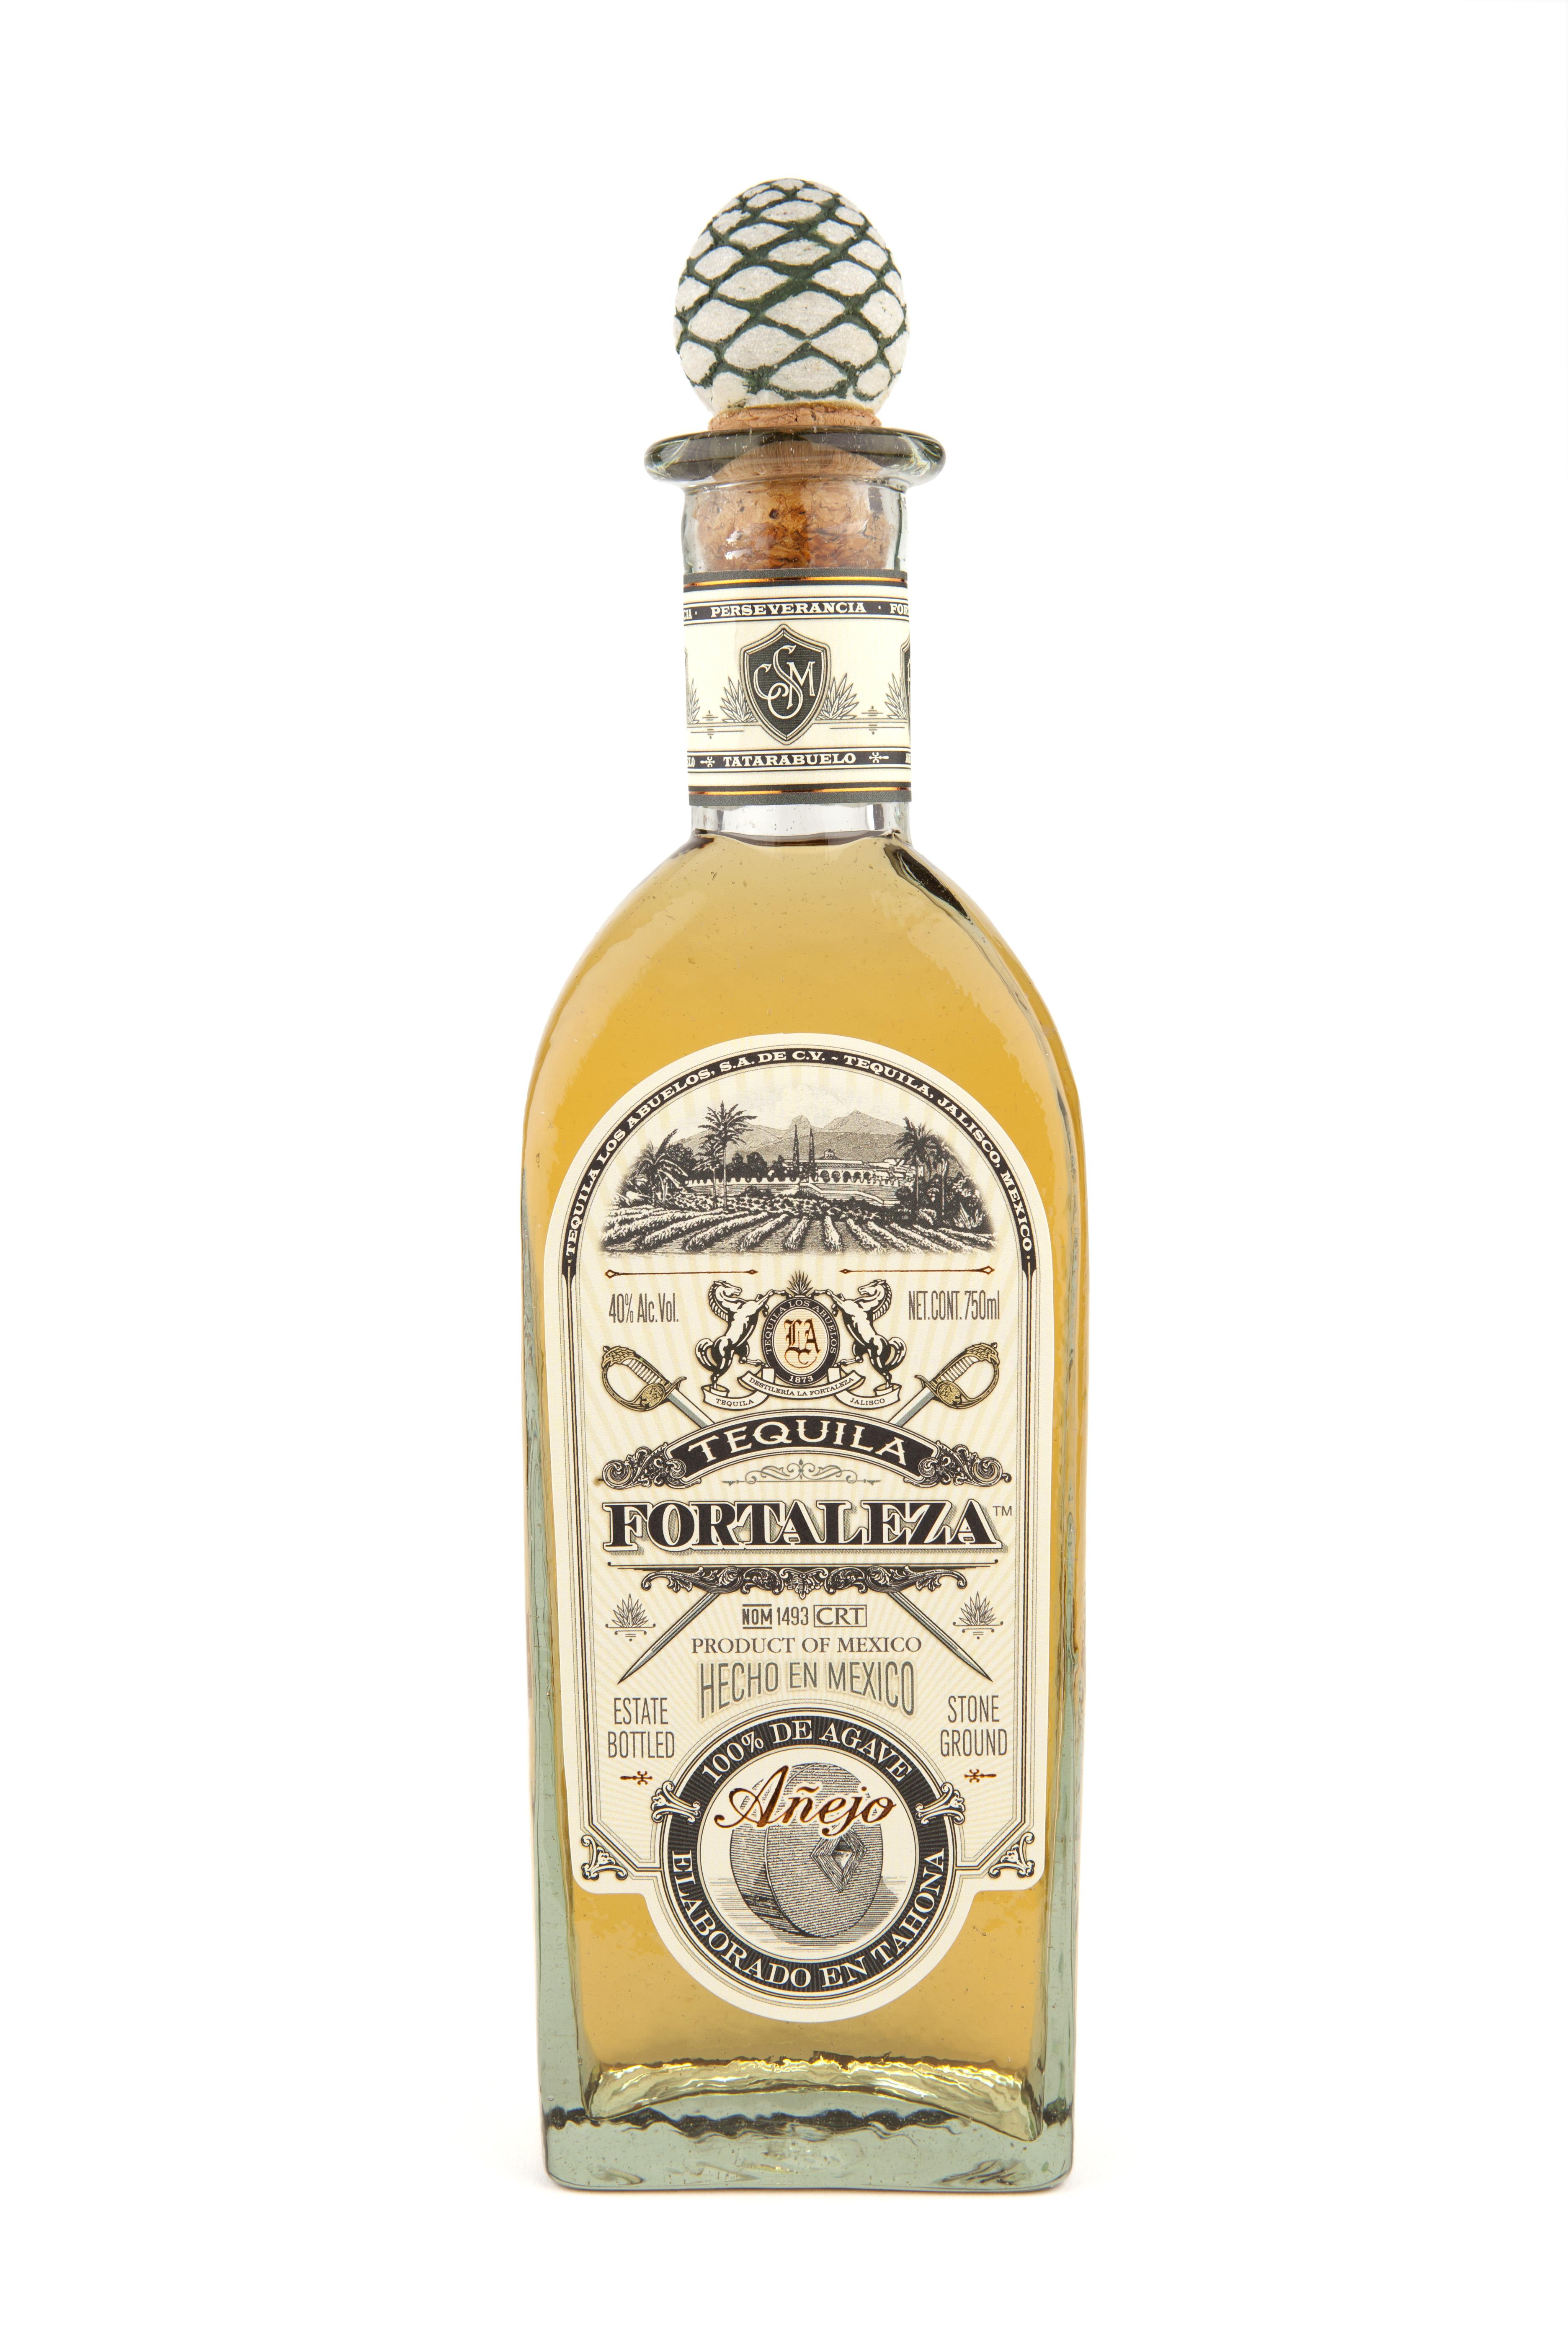 Fortaleza A 241 Ejo Tequila Fortaleza